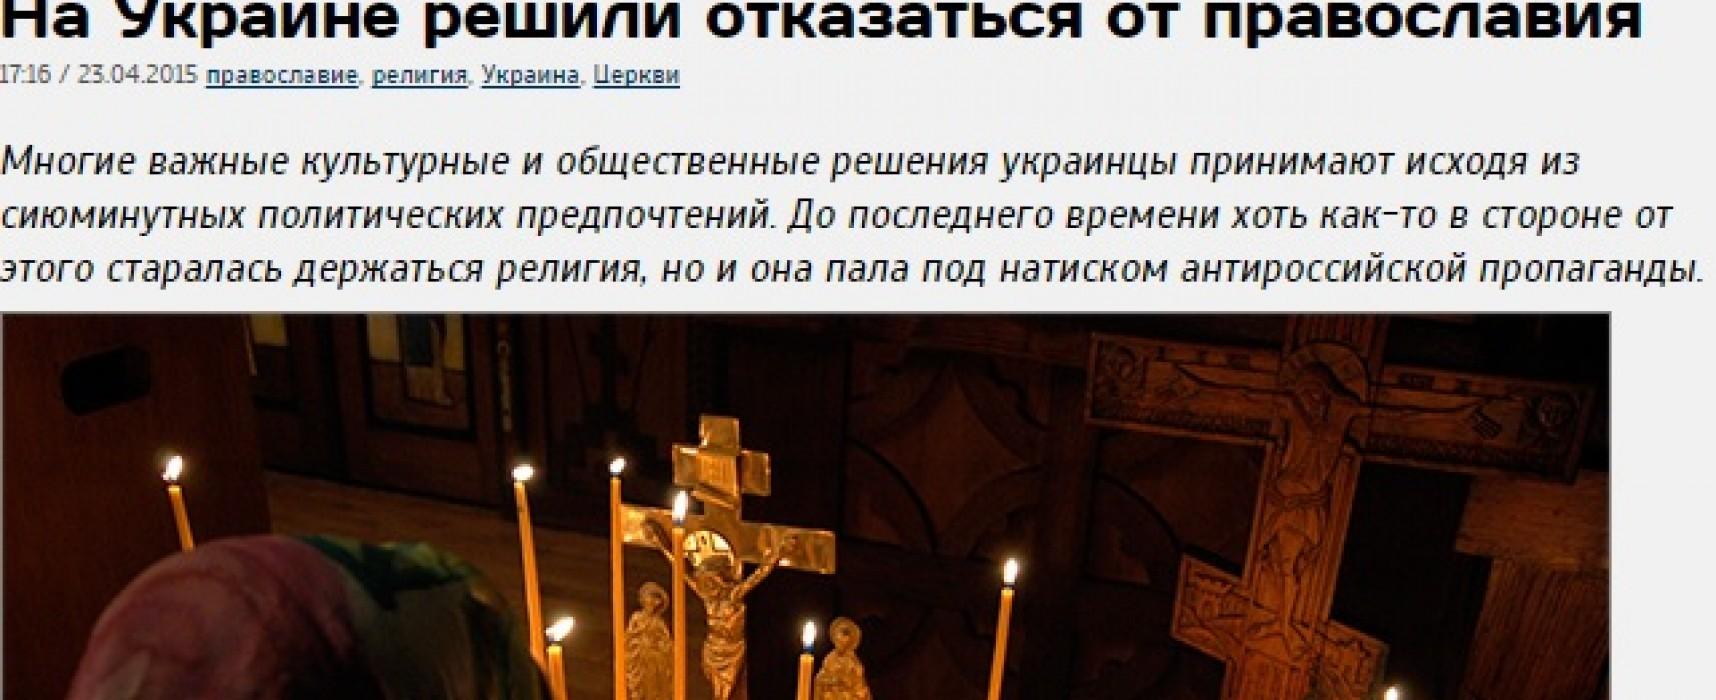 Фейк: В Украине решили отказаться от православия